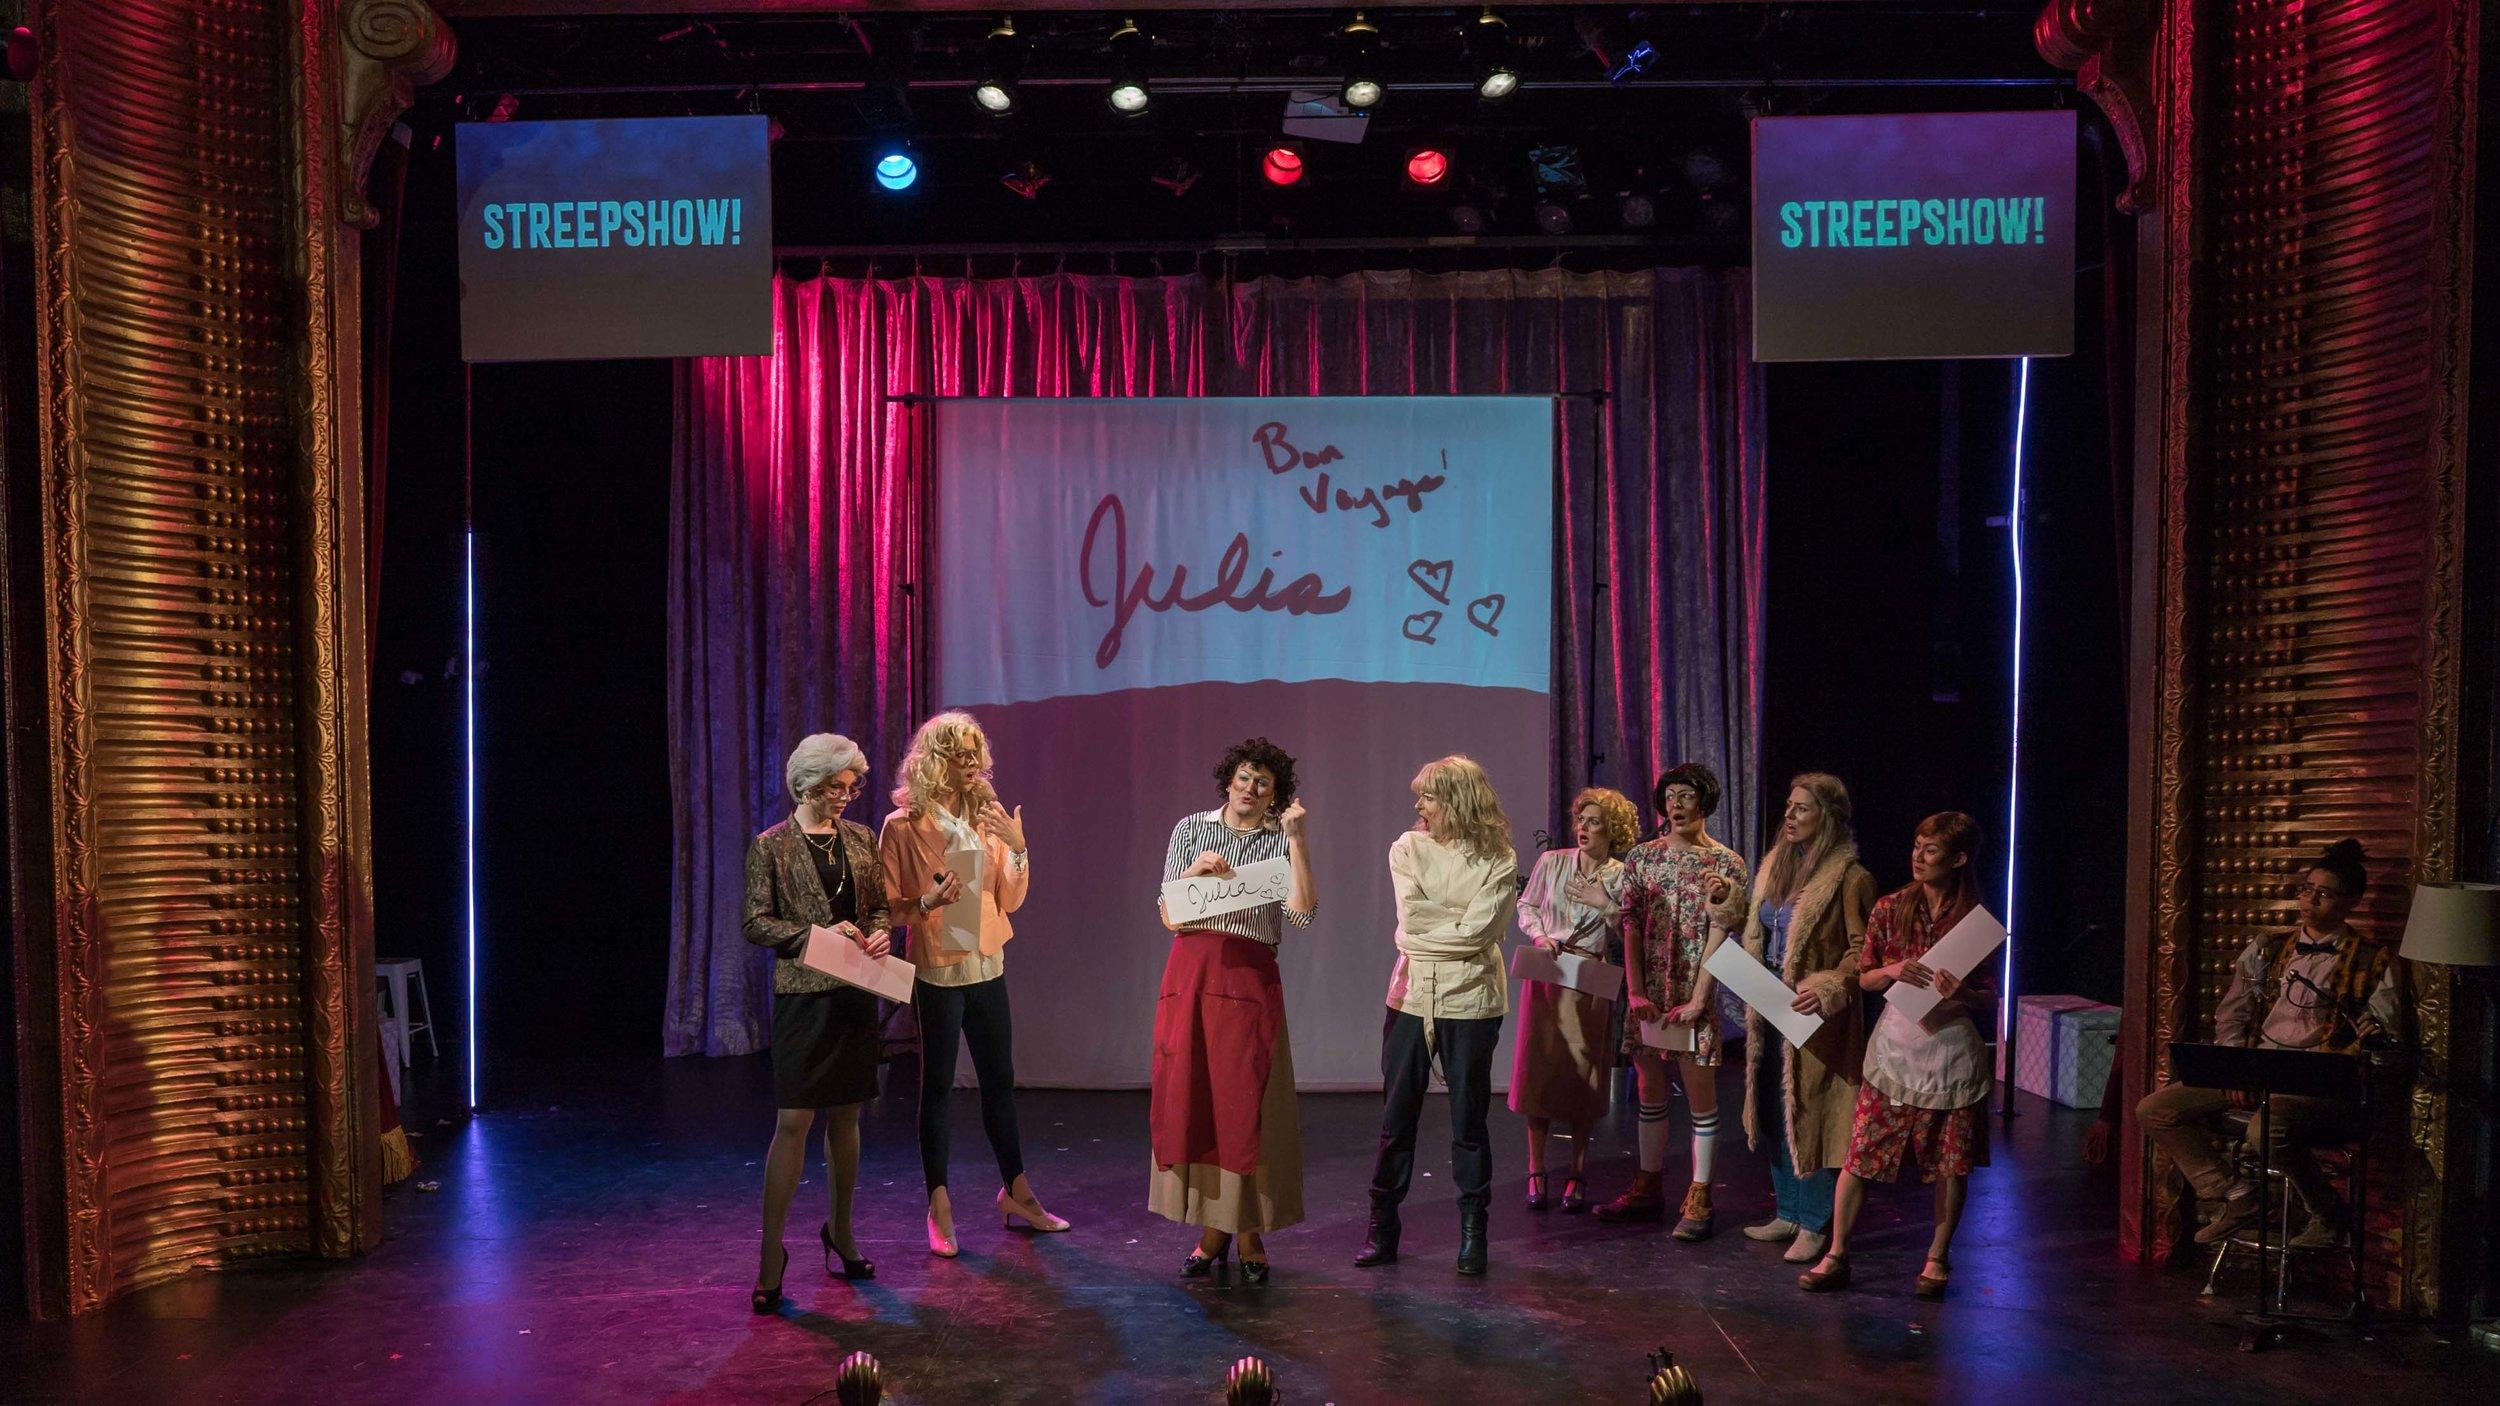 Streepshow! Episodes 1 through 4